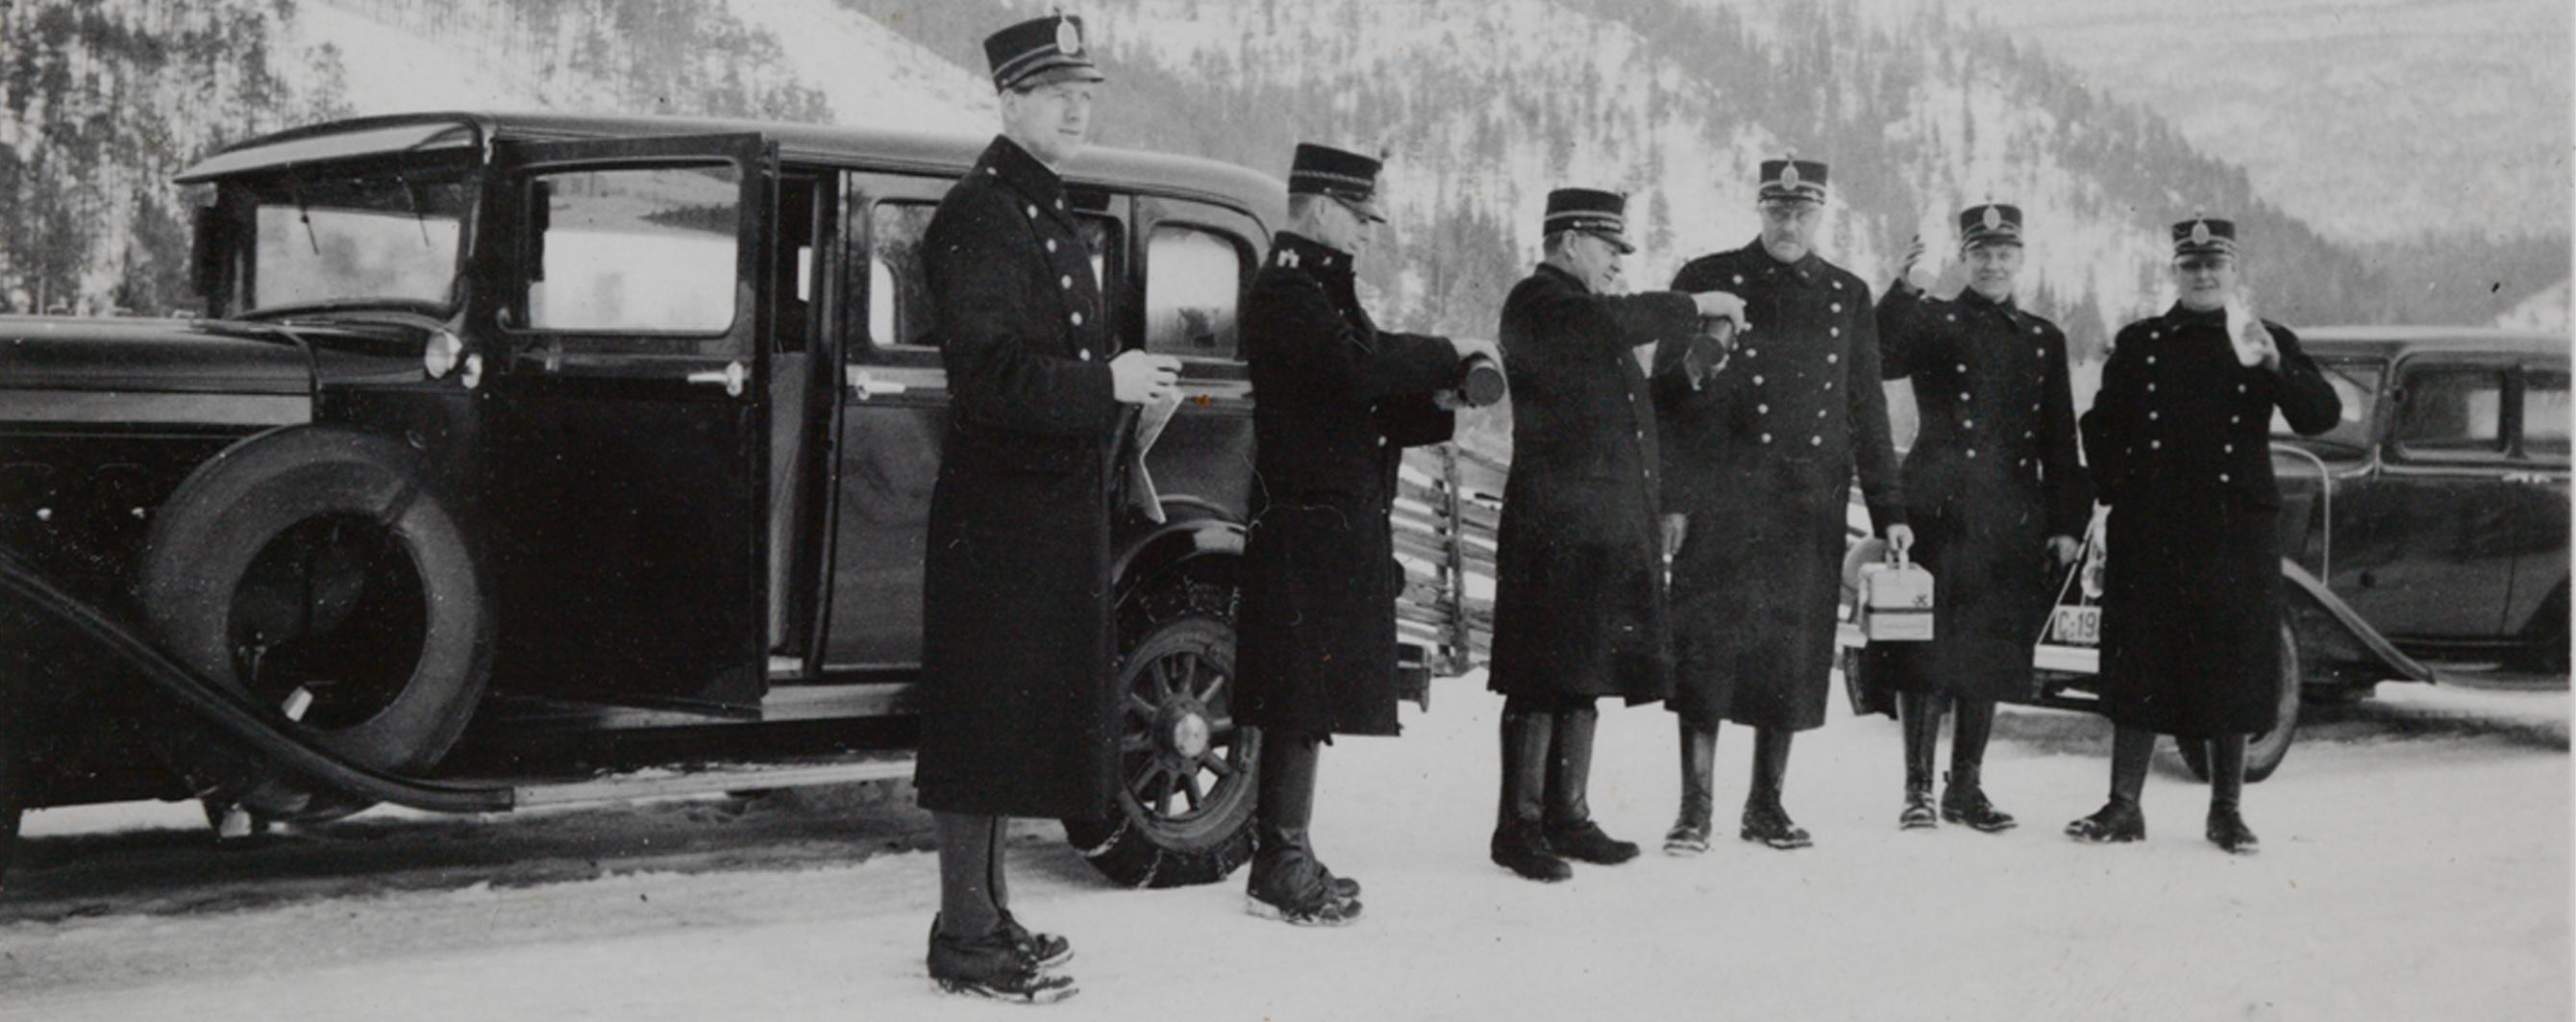 Fra-trafikkpatruljen-Statspolitiet_UP-karusell